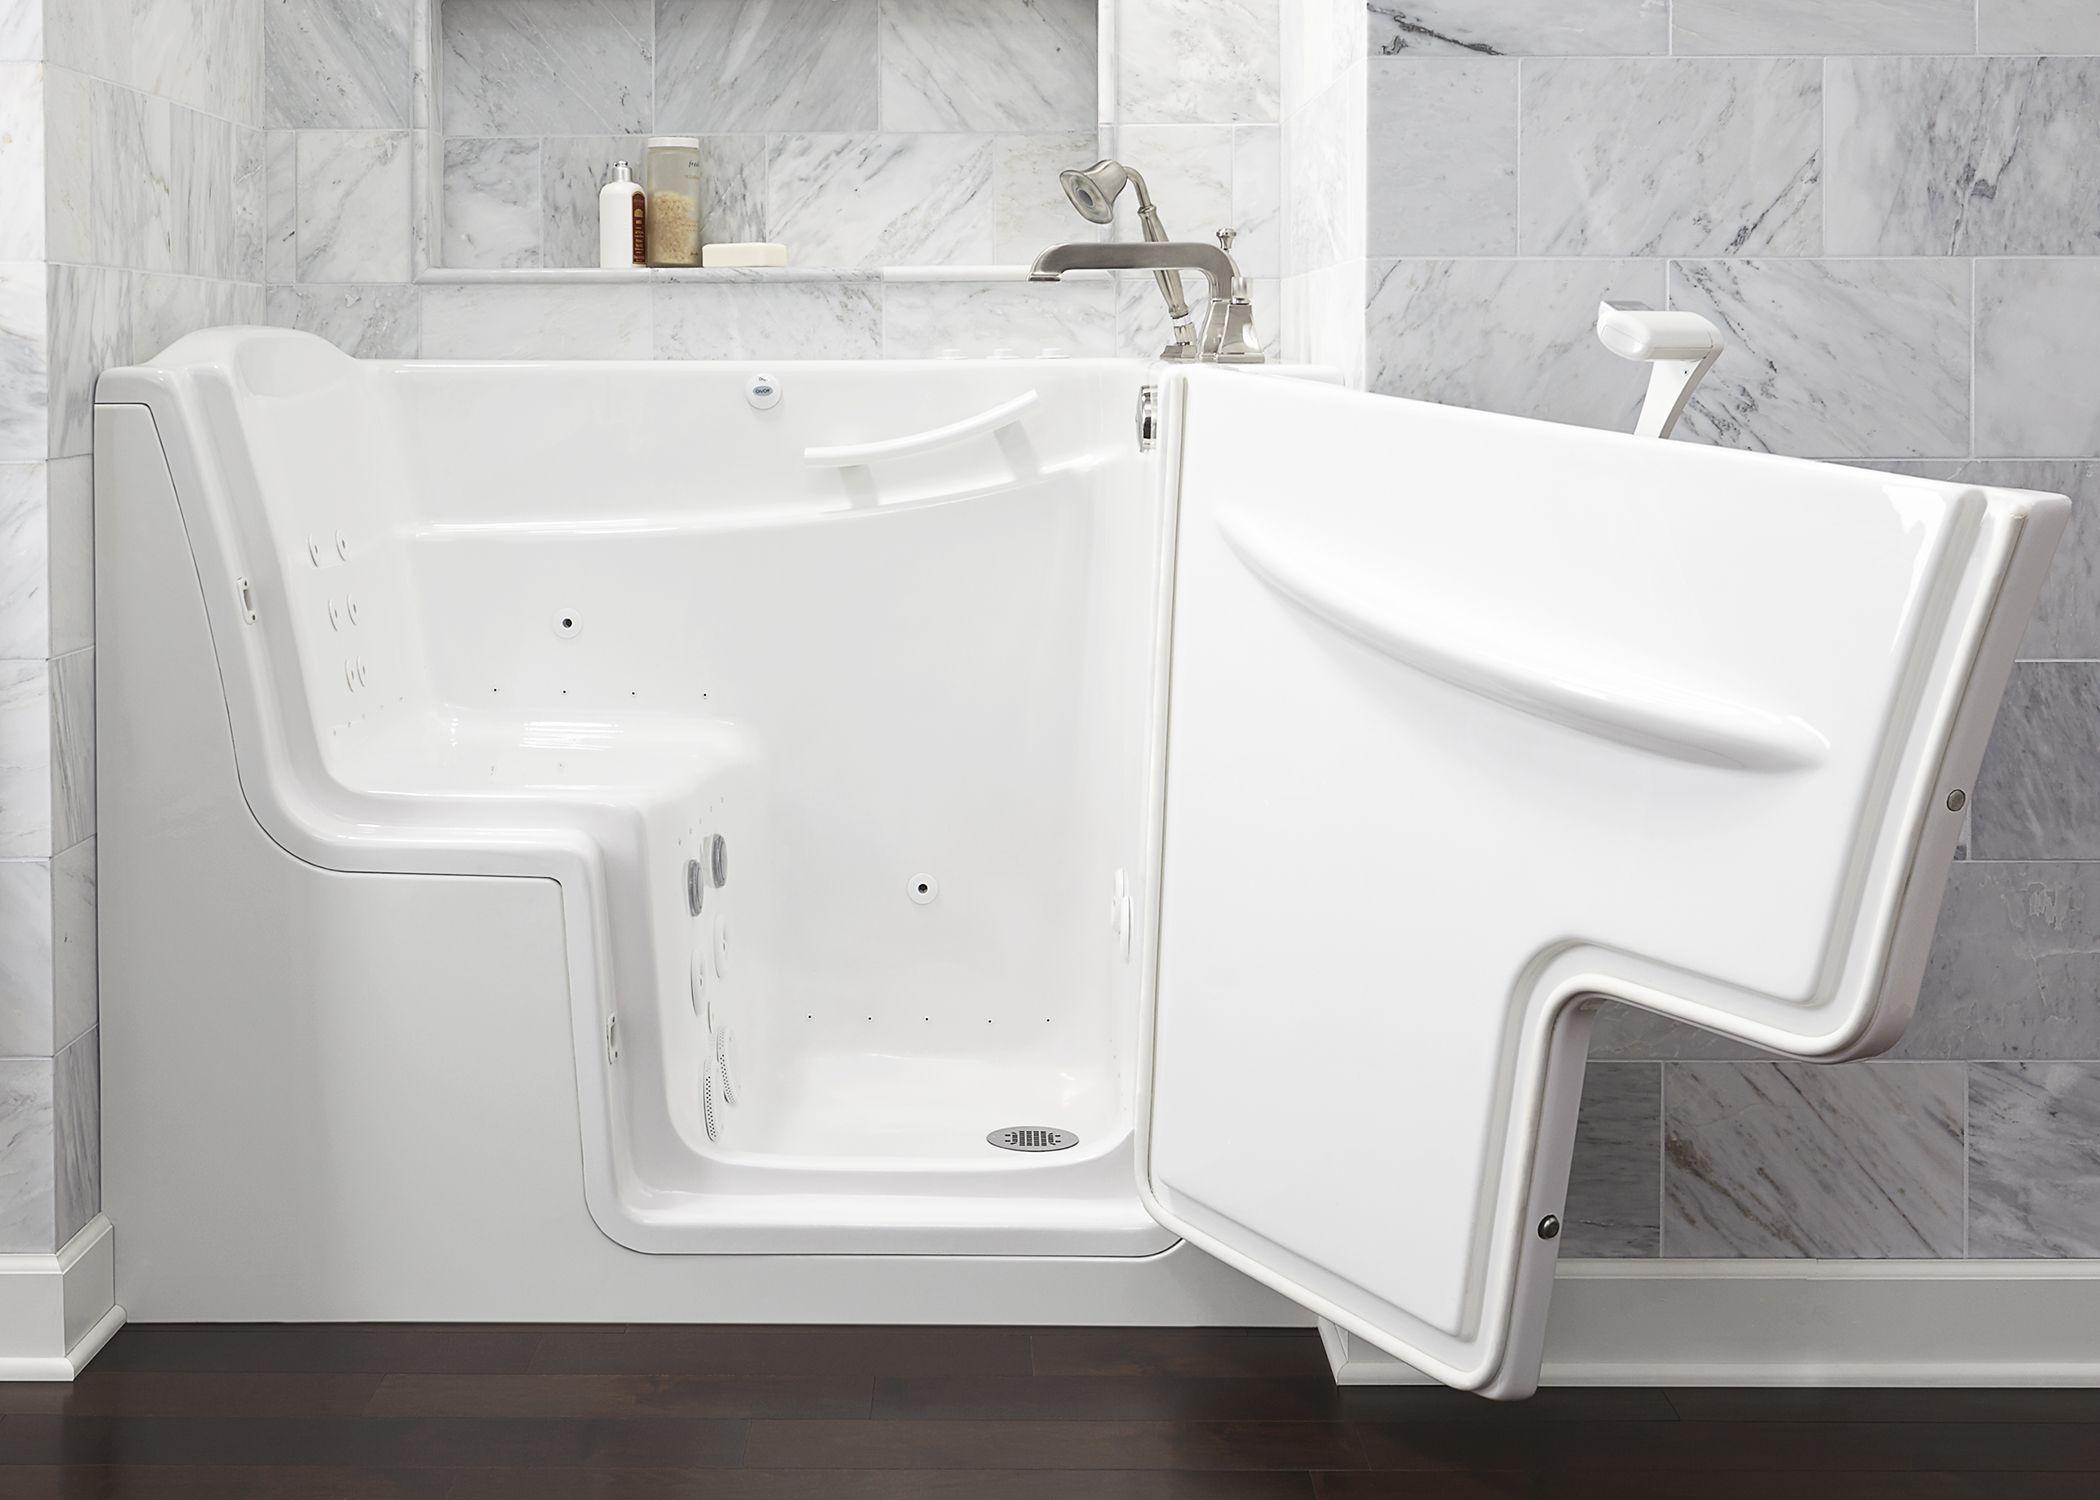 American Standard Walk-in Tub | Walk in tubs | Pinterest | American ...